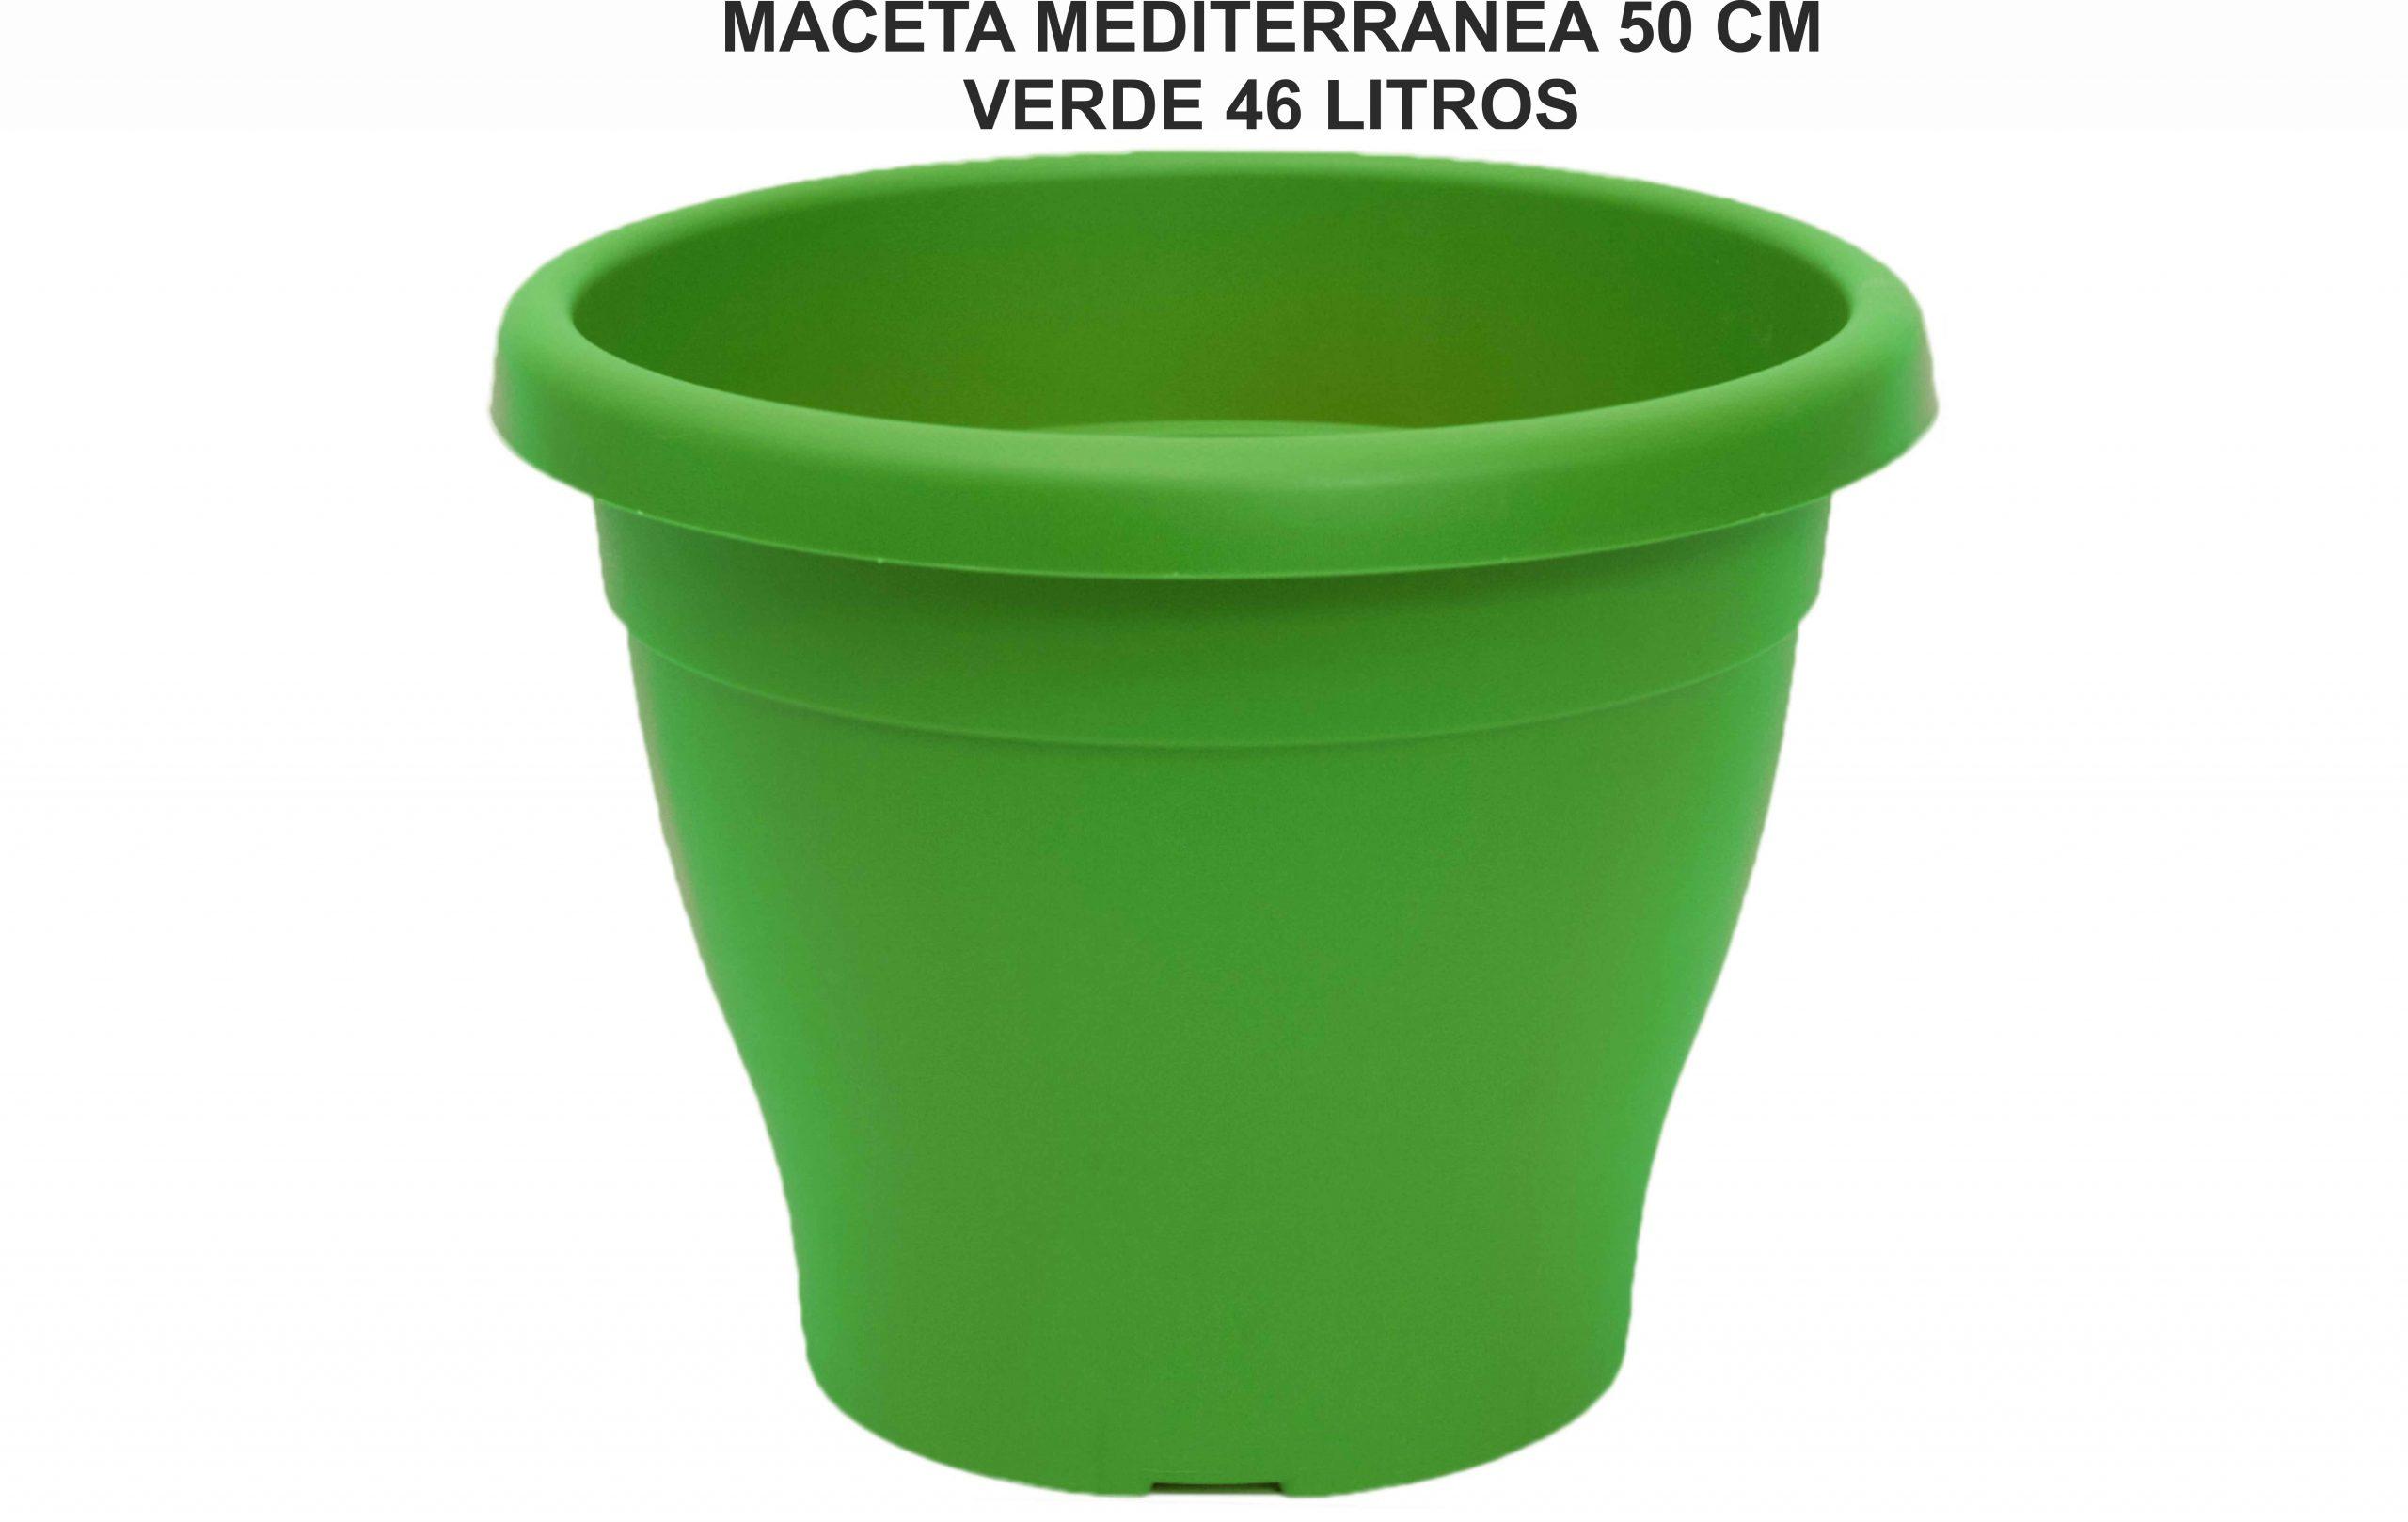 MACETA MEDITERRANEA 50 CM VERDE